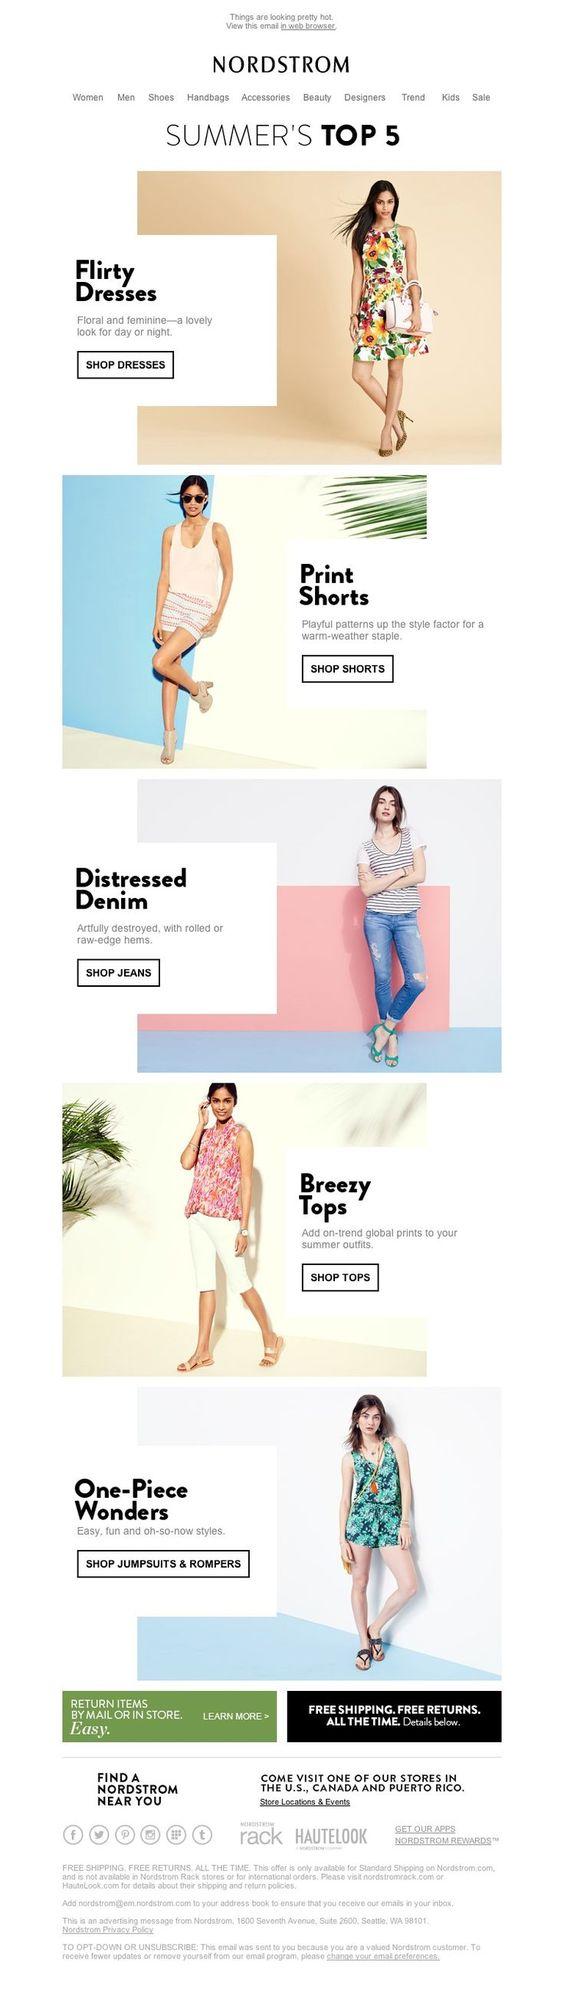 Email-design-zigzag-model-nordstrom